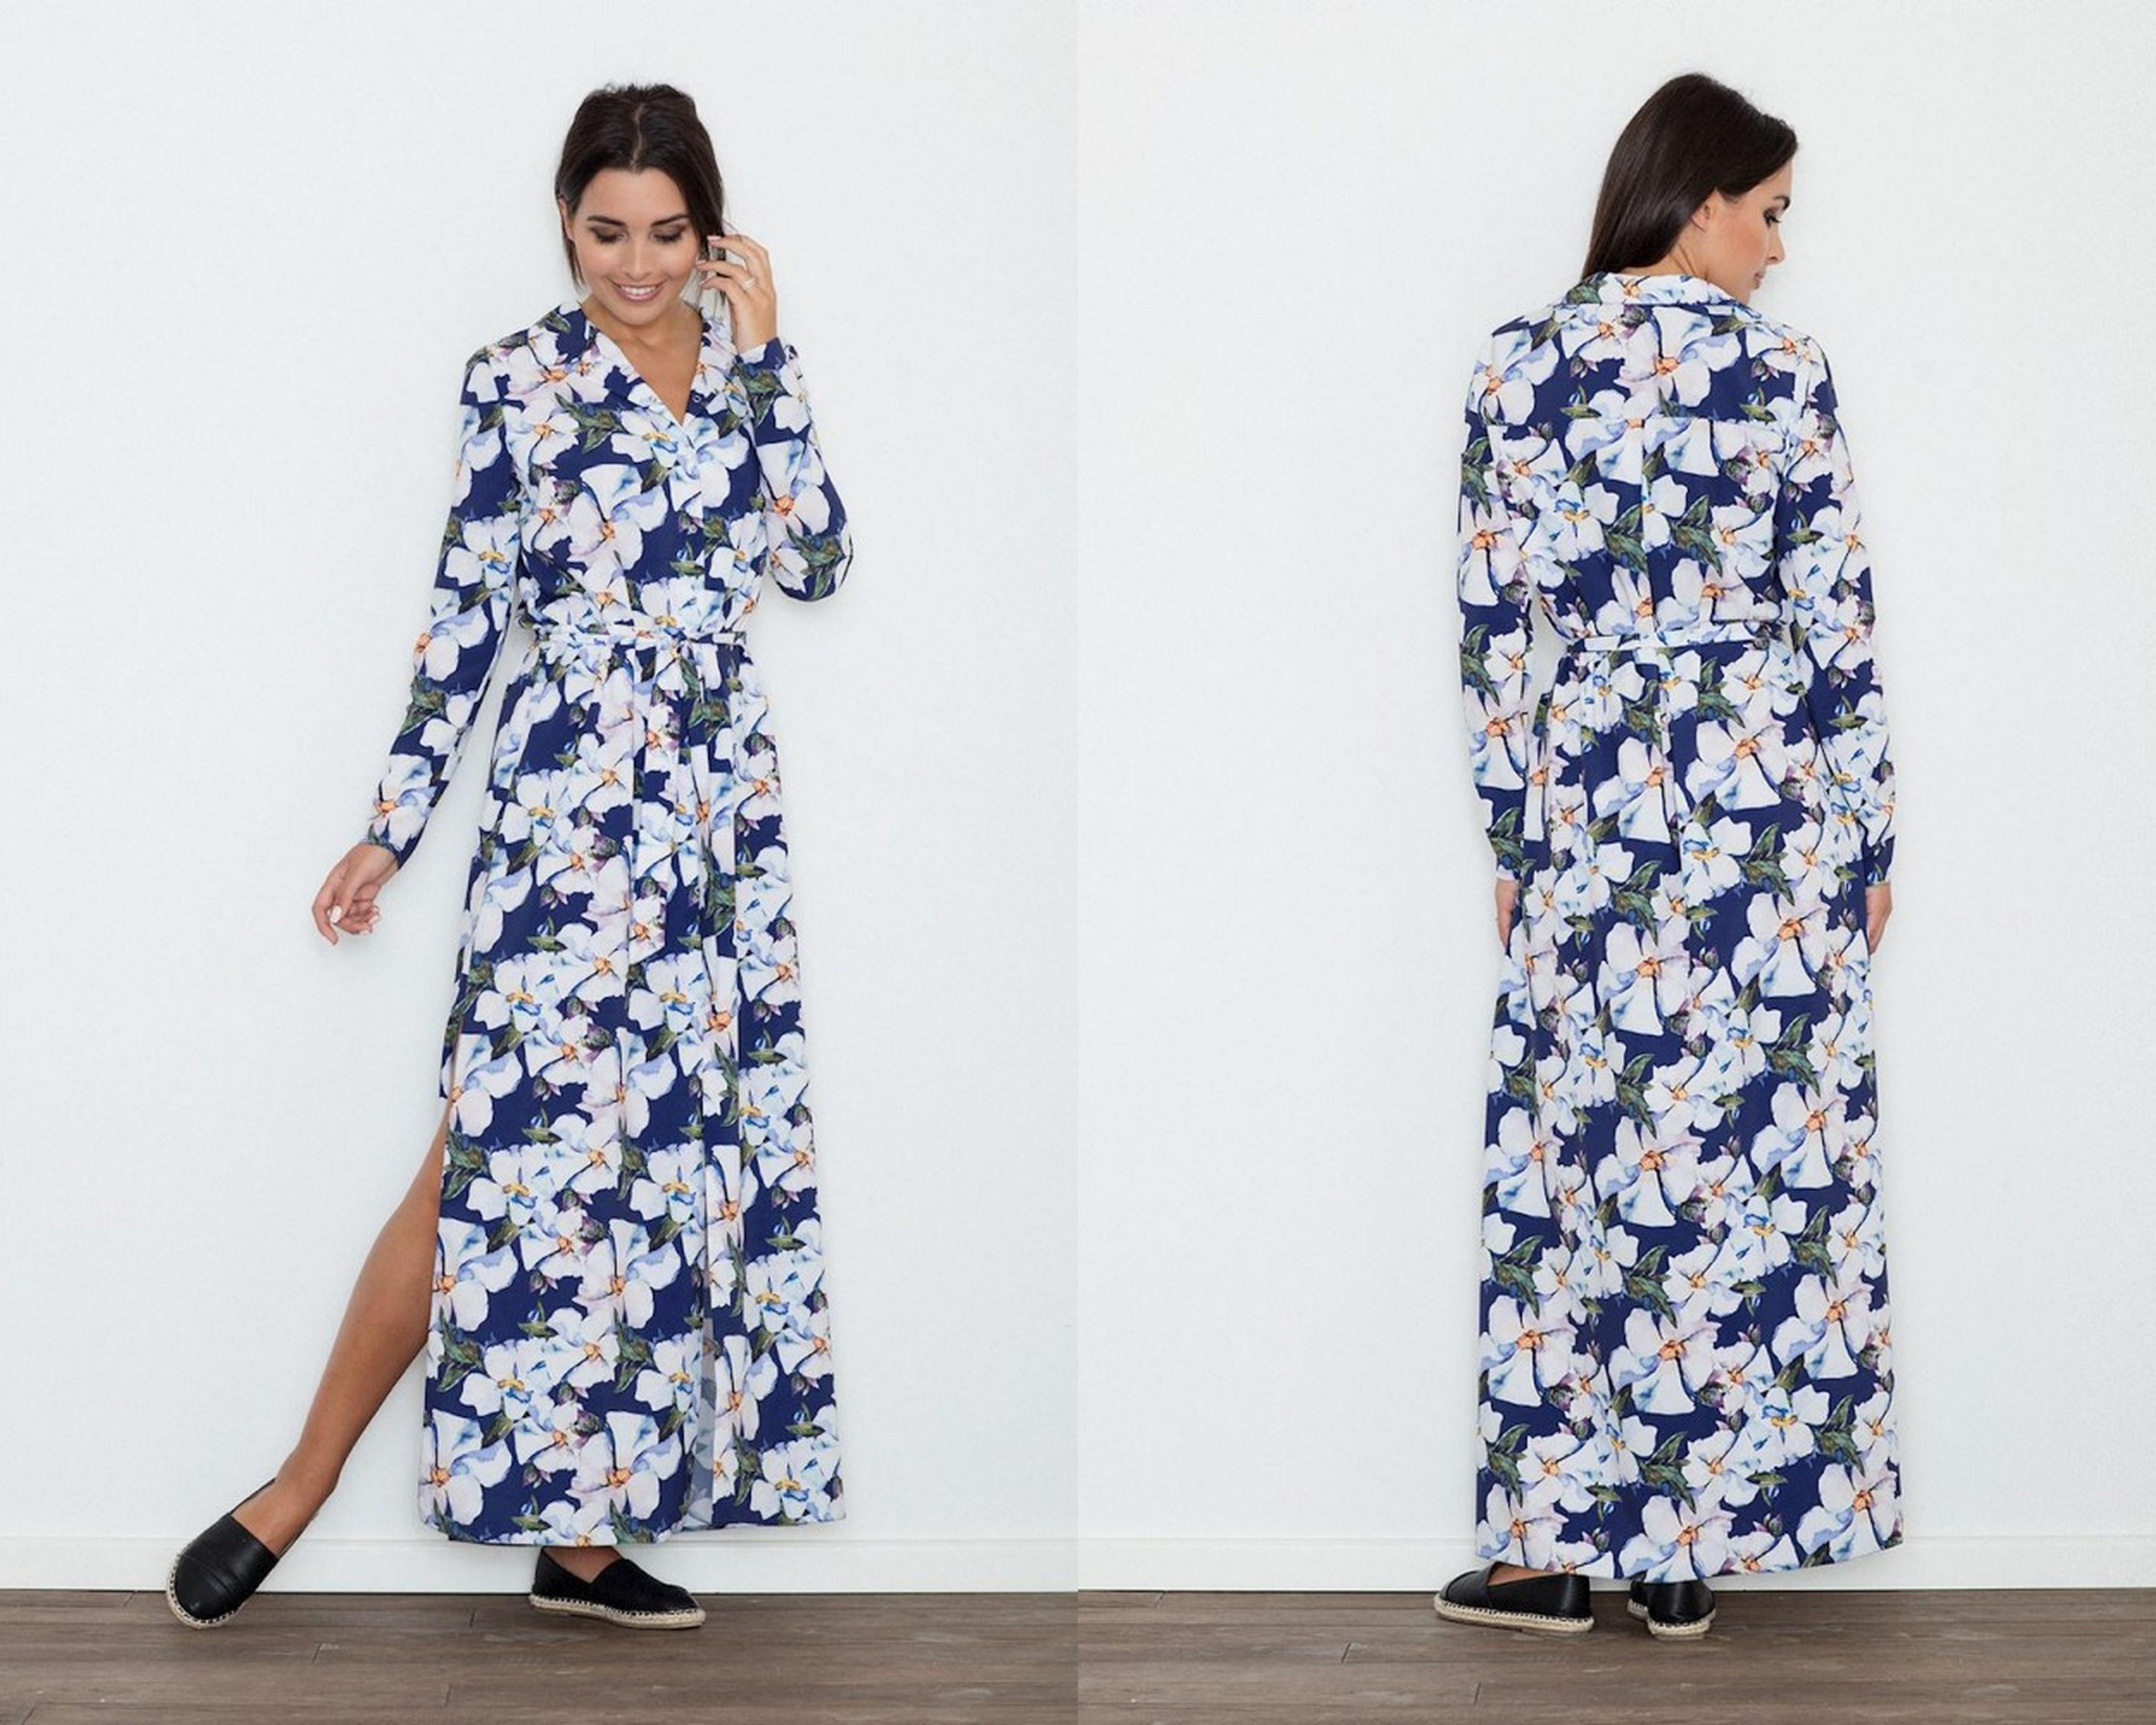 d2a5f2f9d6a7 Dlhé šaty – maxi šaty s motívom kvetov a s dlhým rukávom.